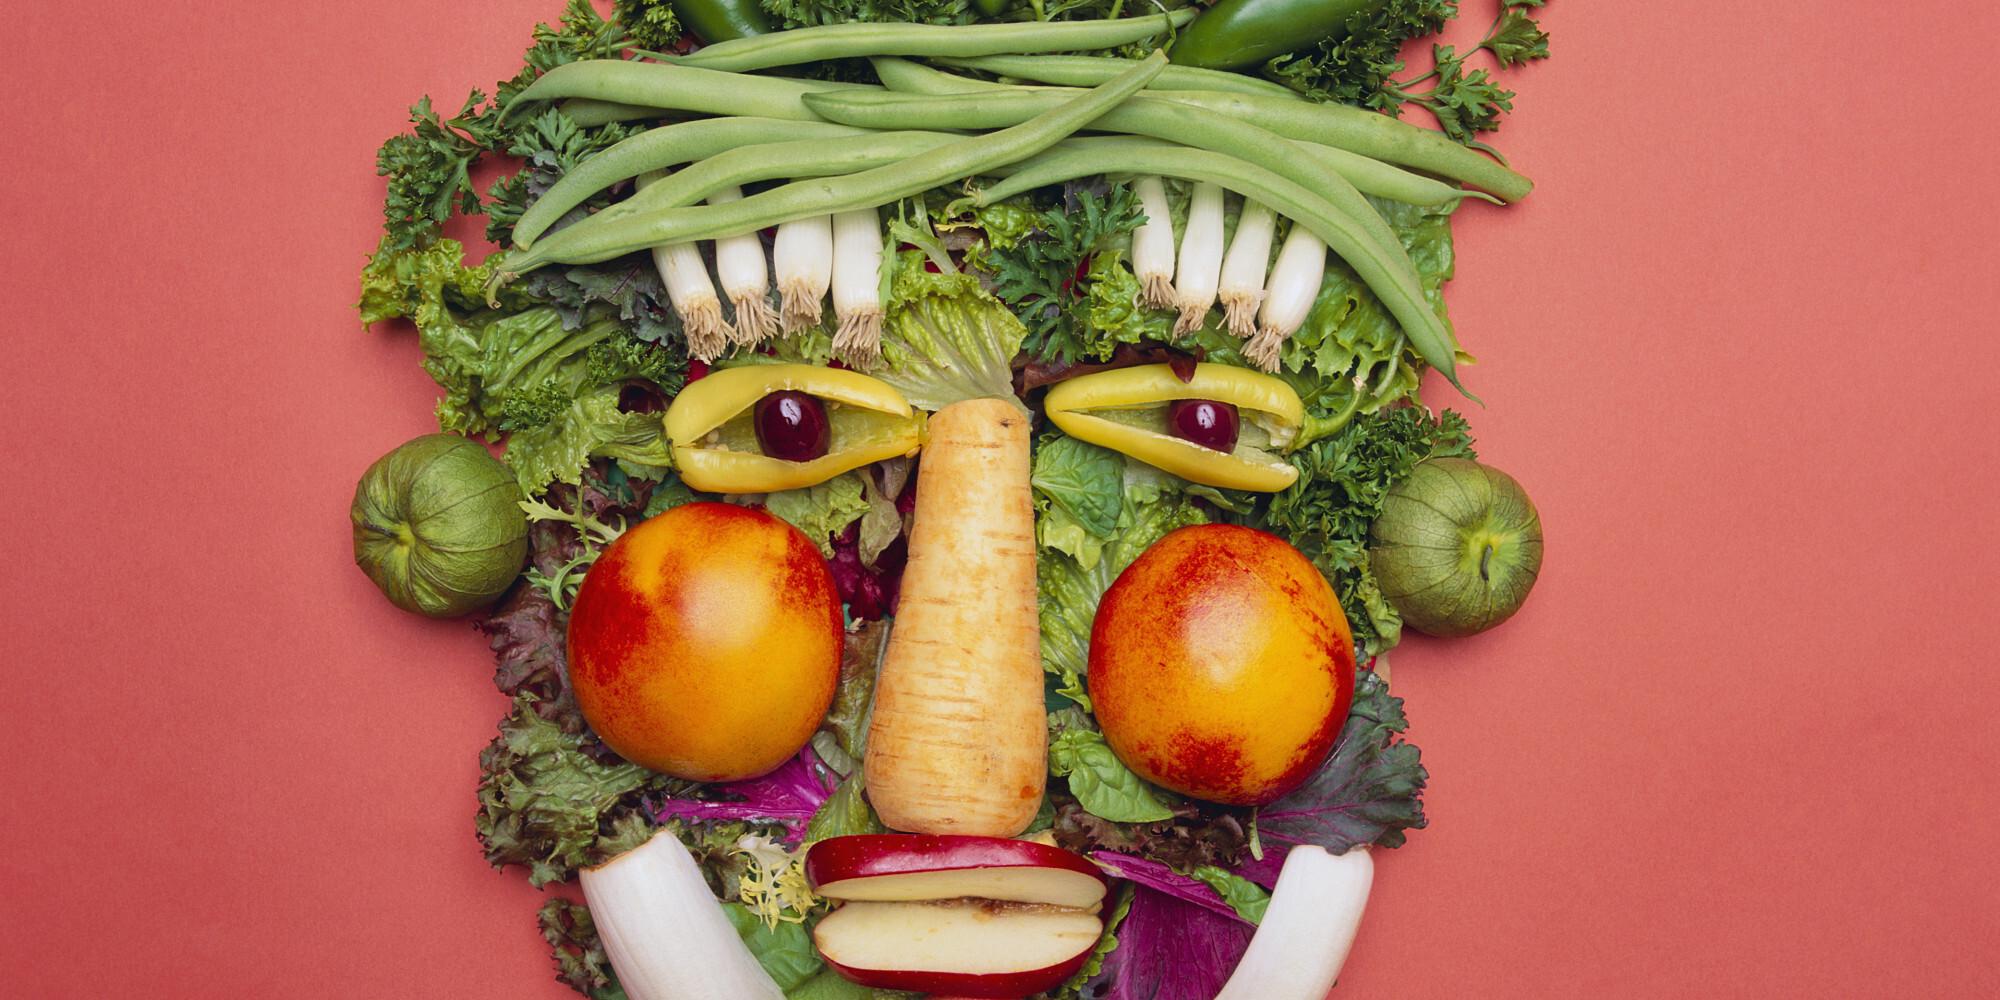 Врач рассказала о негативных последствиях вегетарианства